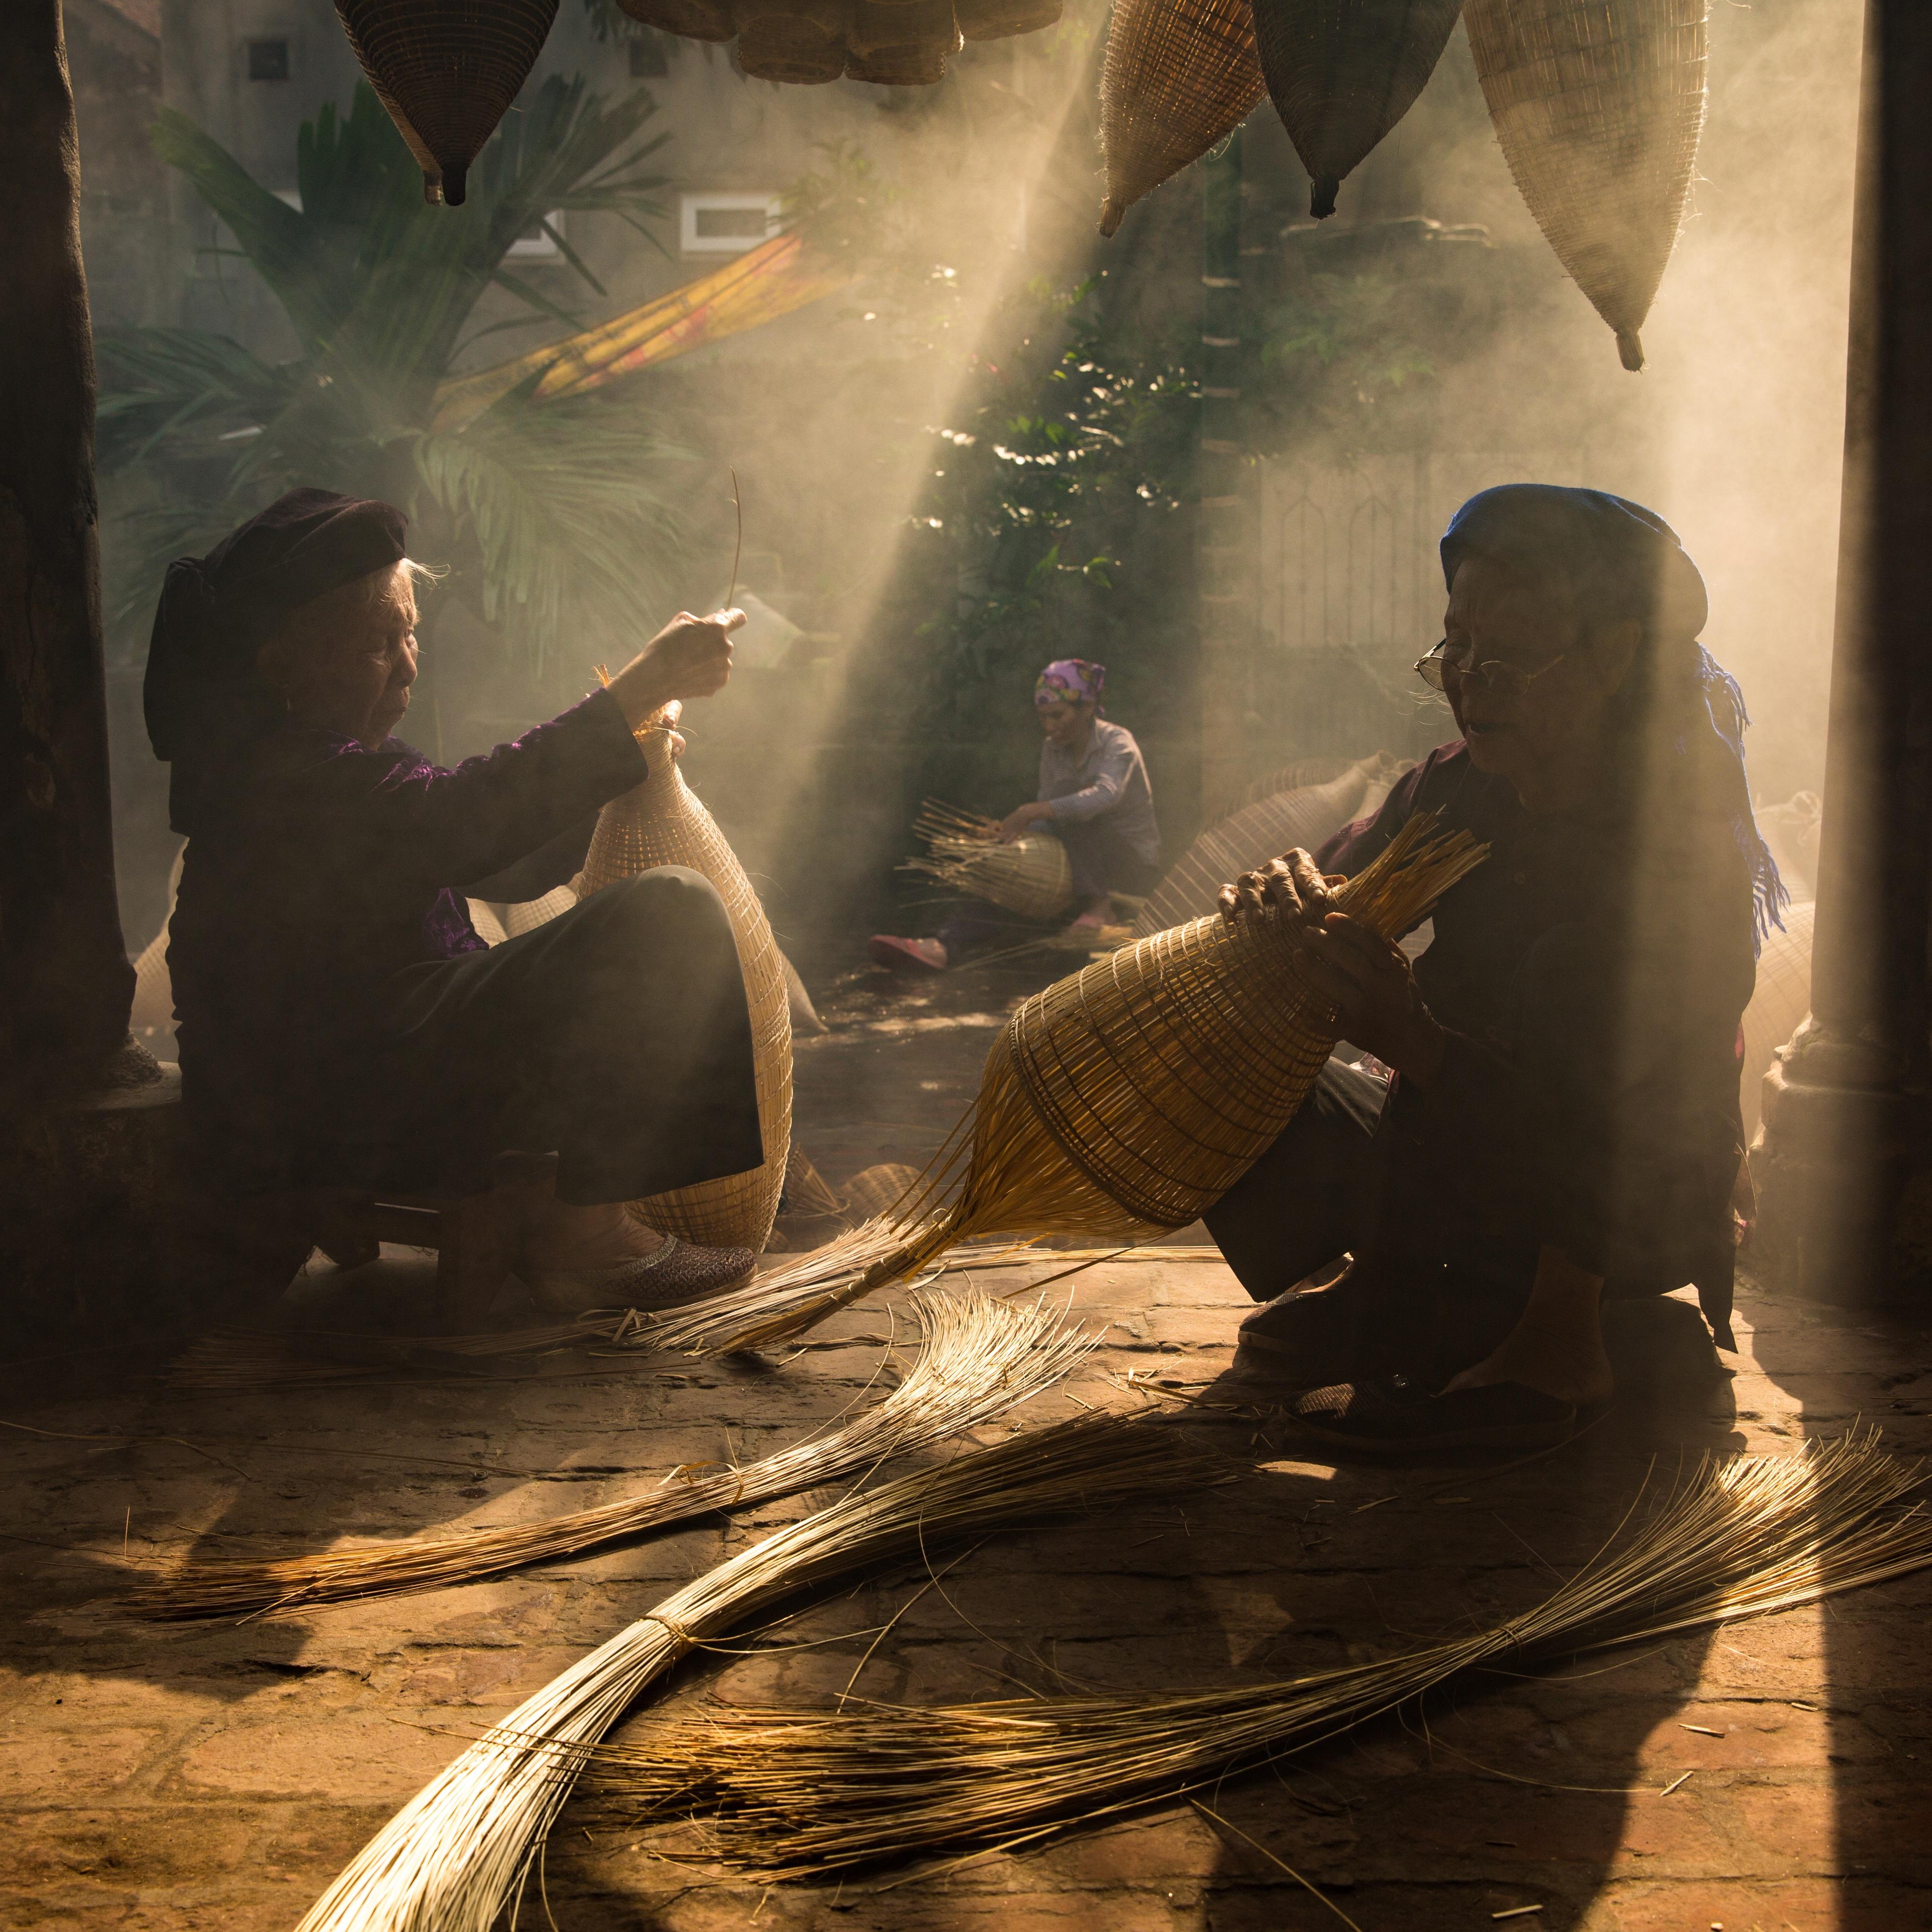 Nhiếp ảnh gia Trần Tuấn Việt: Người mang sứ mệnh đưa hình ảnh Việt Nam đến với thế giới - 12